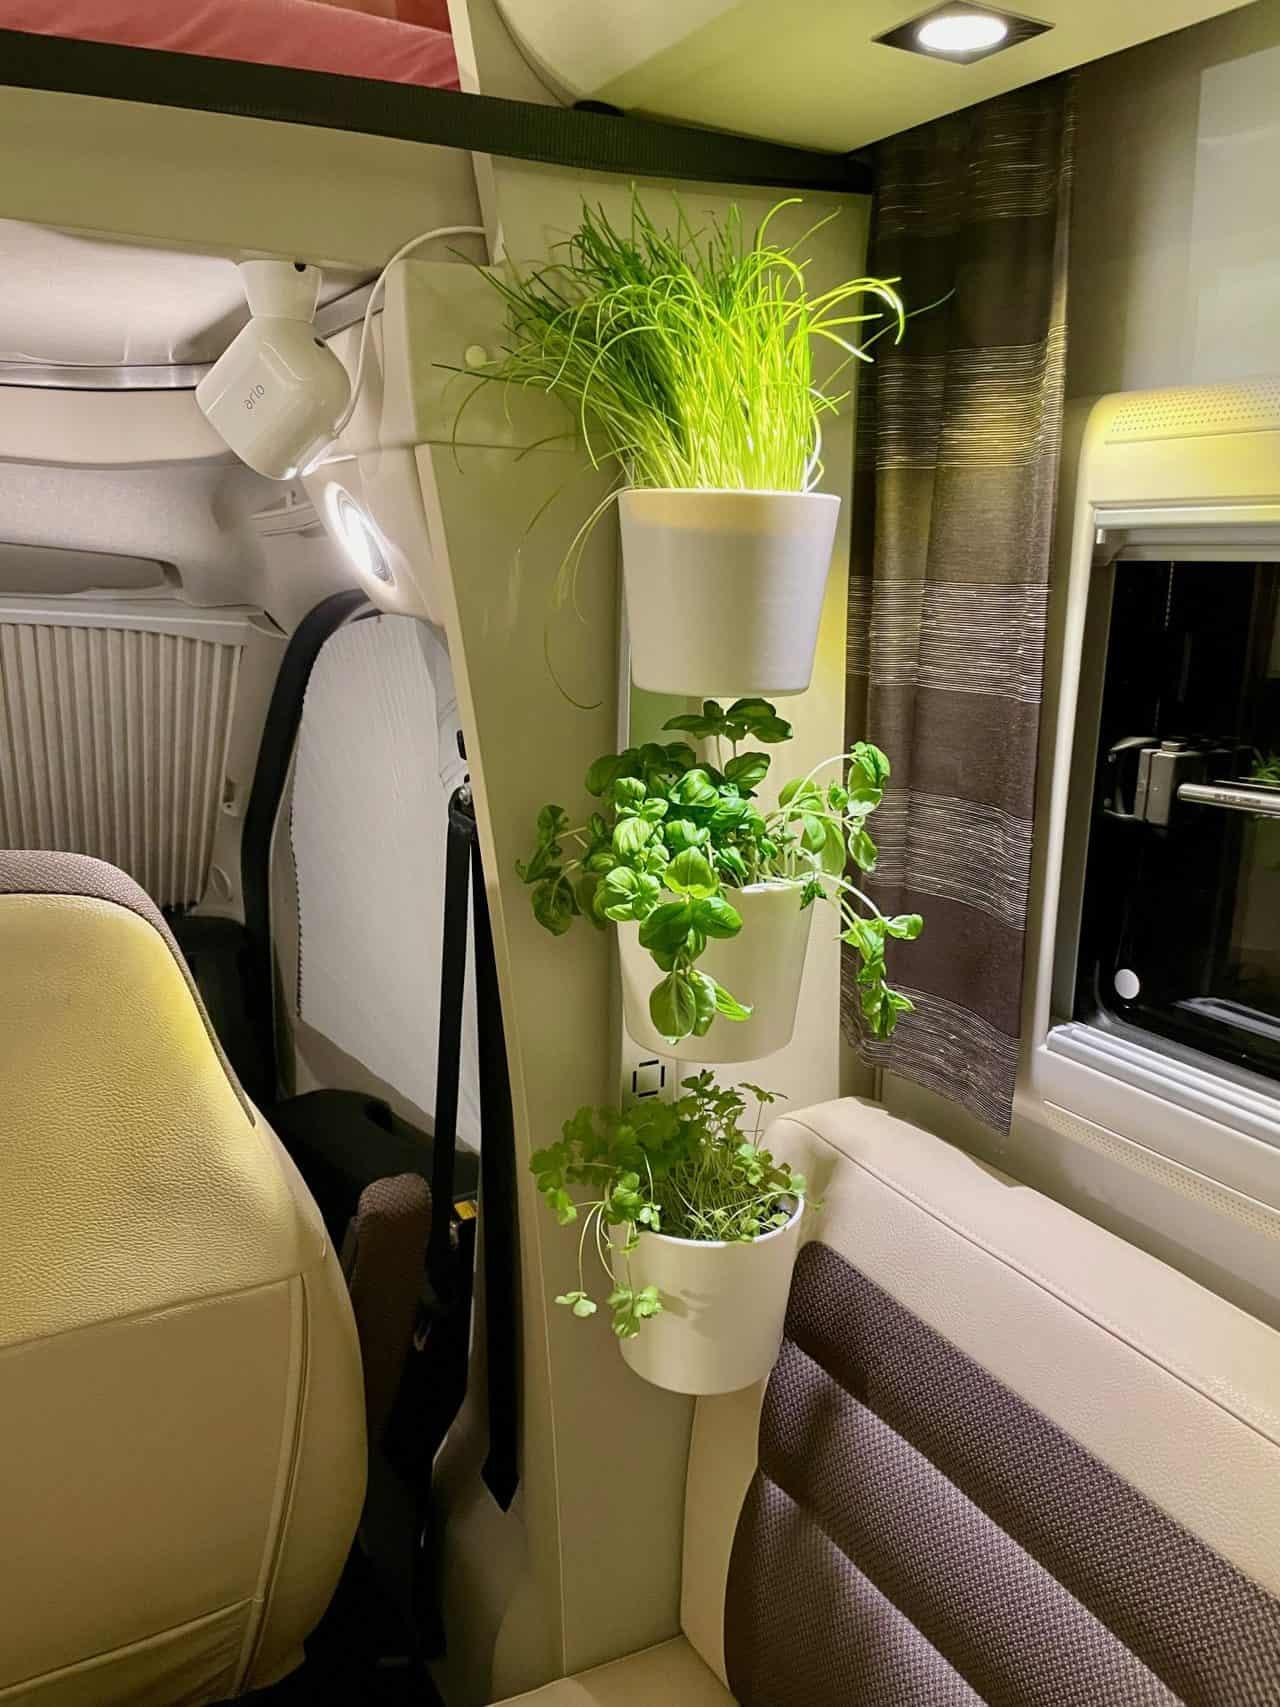 Pflanzen-Kräuter-Blumen-im-Wohnmobil-Einbau-Schiene-Kräuterleiter-Petersilie-Basilikum-Schnittlauch